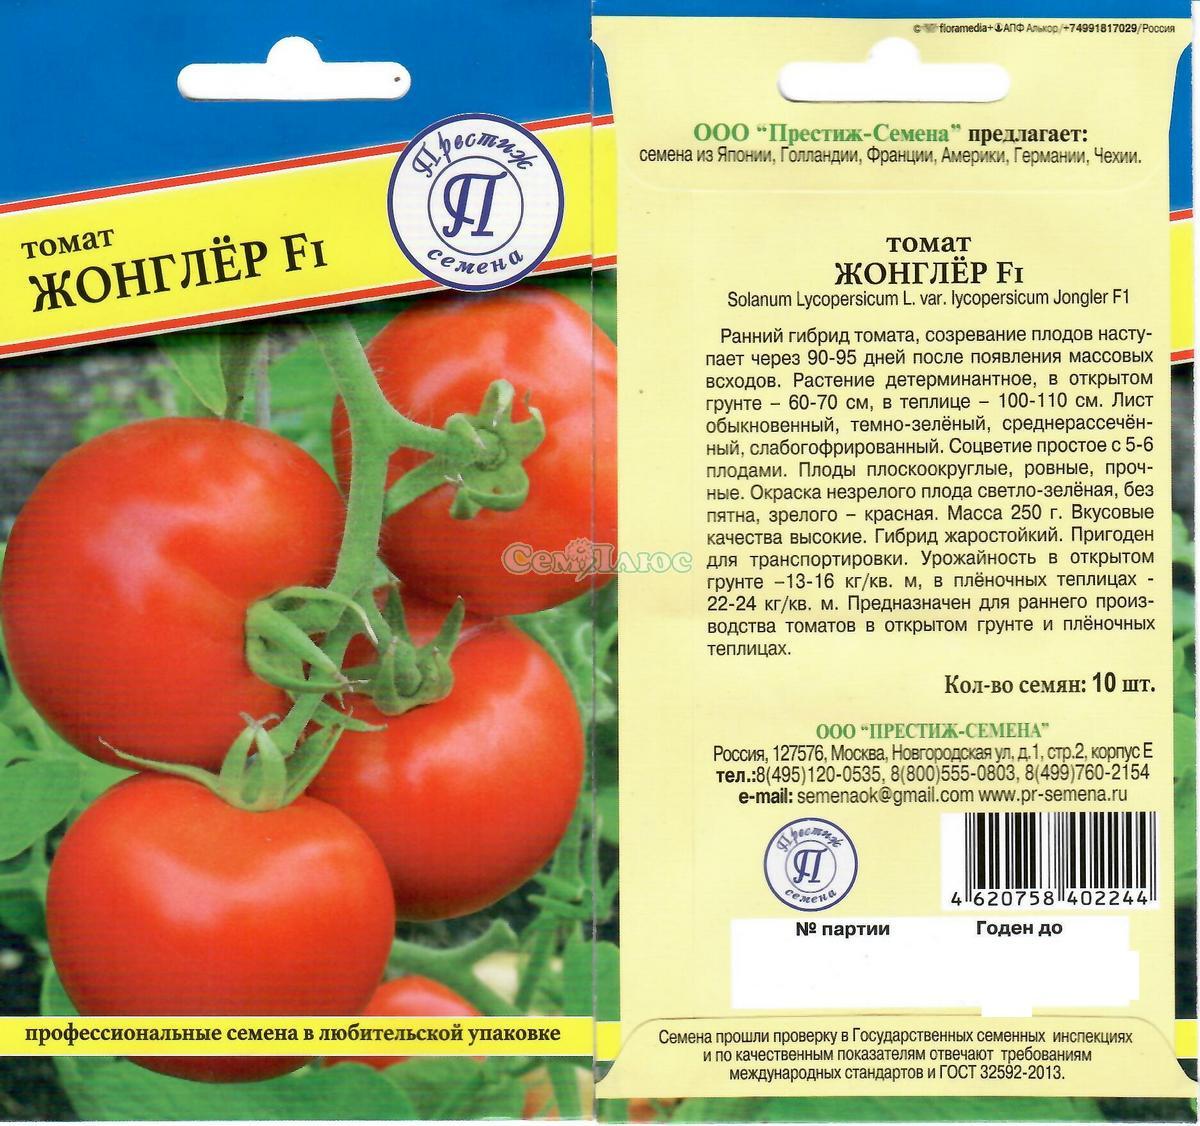 Томат жонглер f1: описание и отзывы тех, кто выращивал, урожайность гибрида, его преимущества и недостатки, секреты удачного урожая